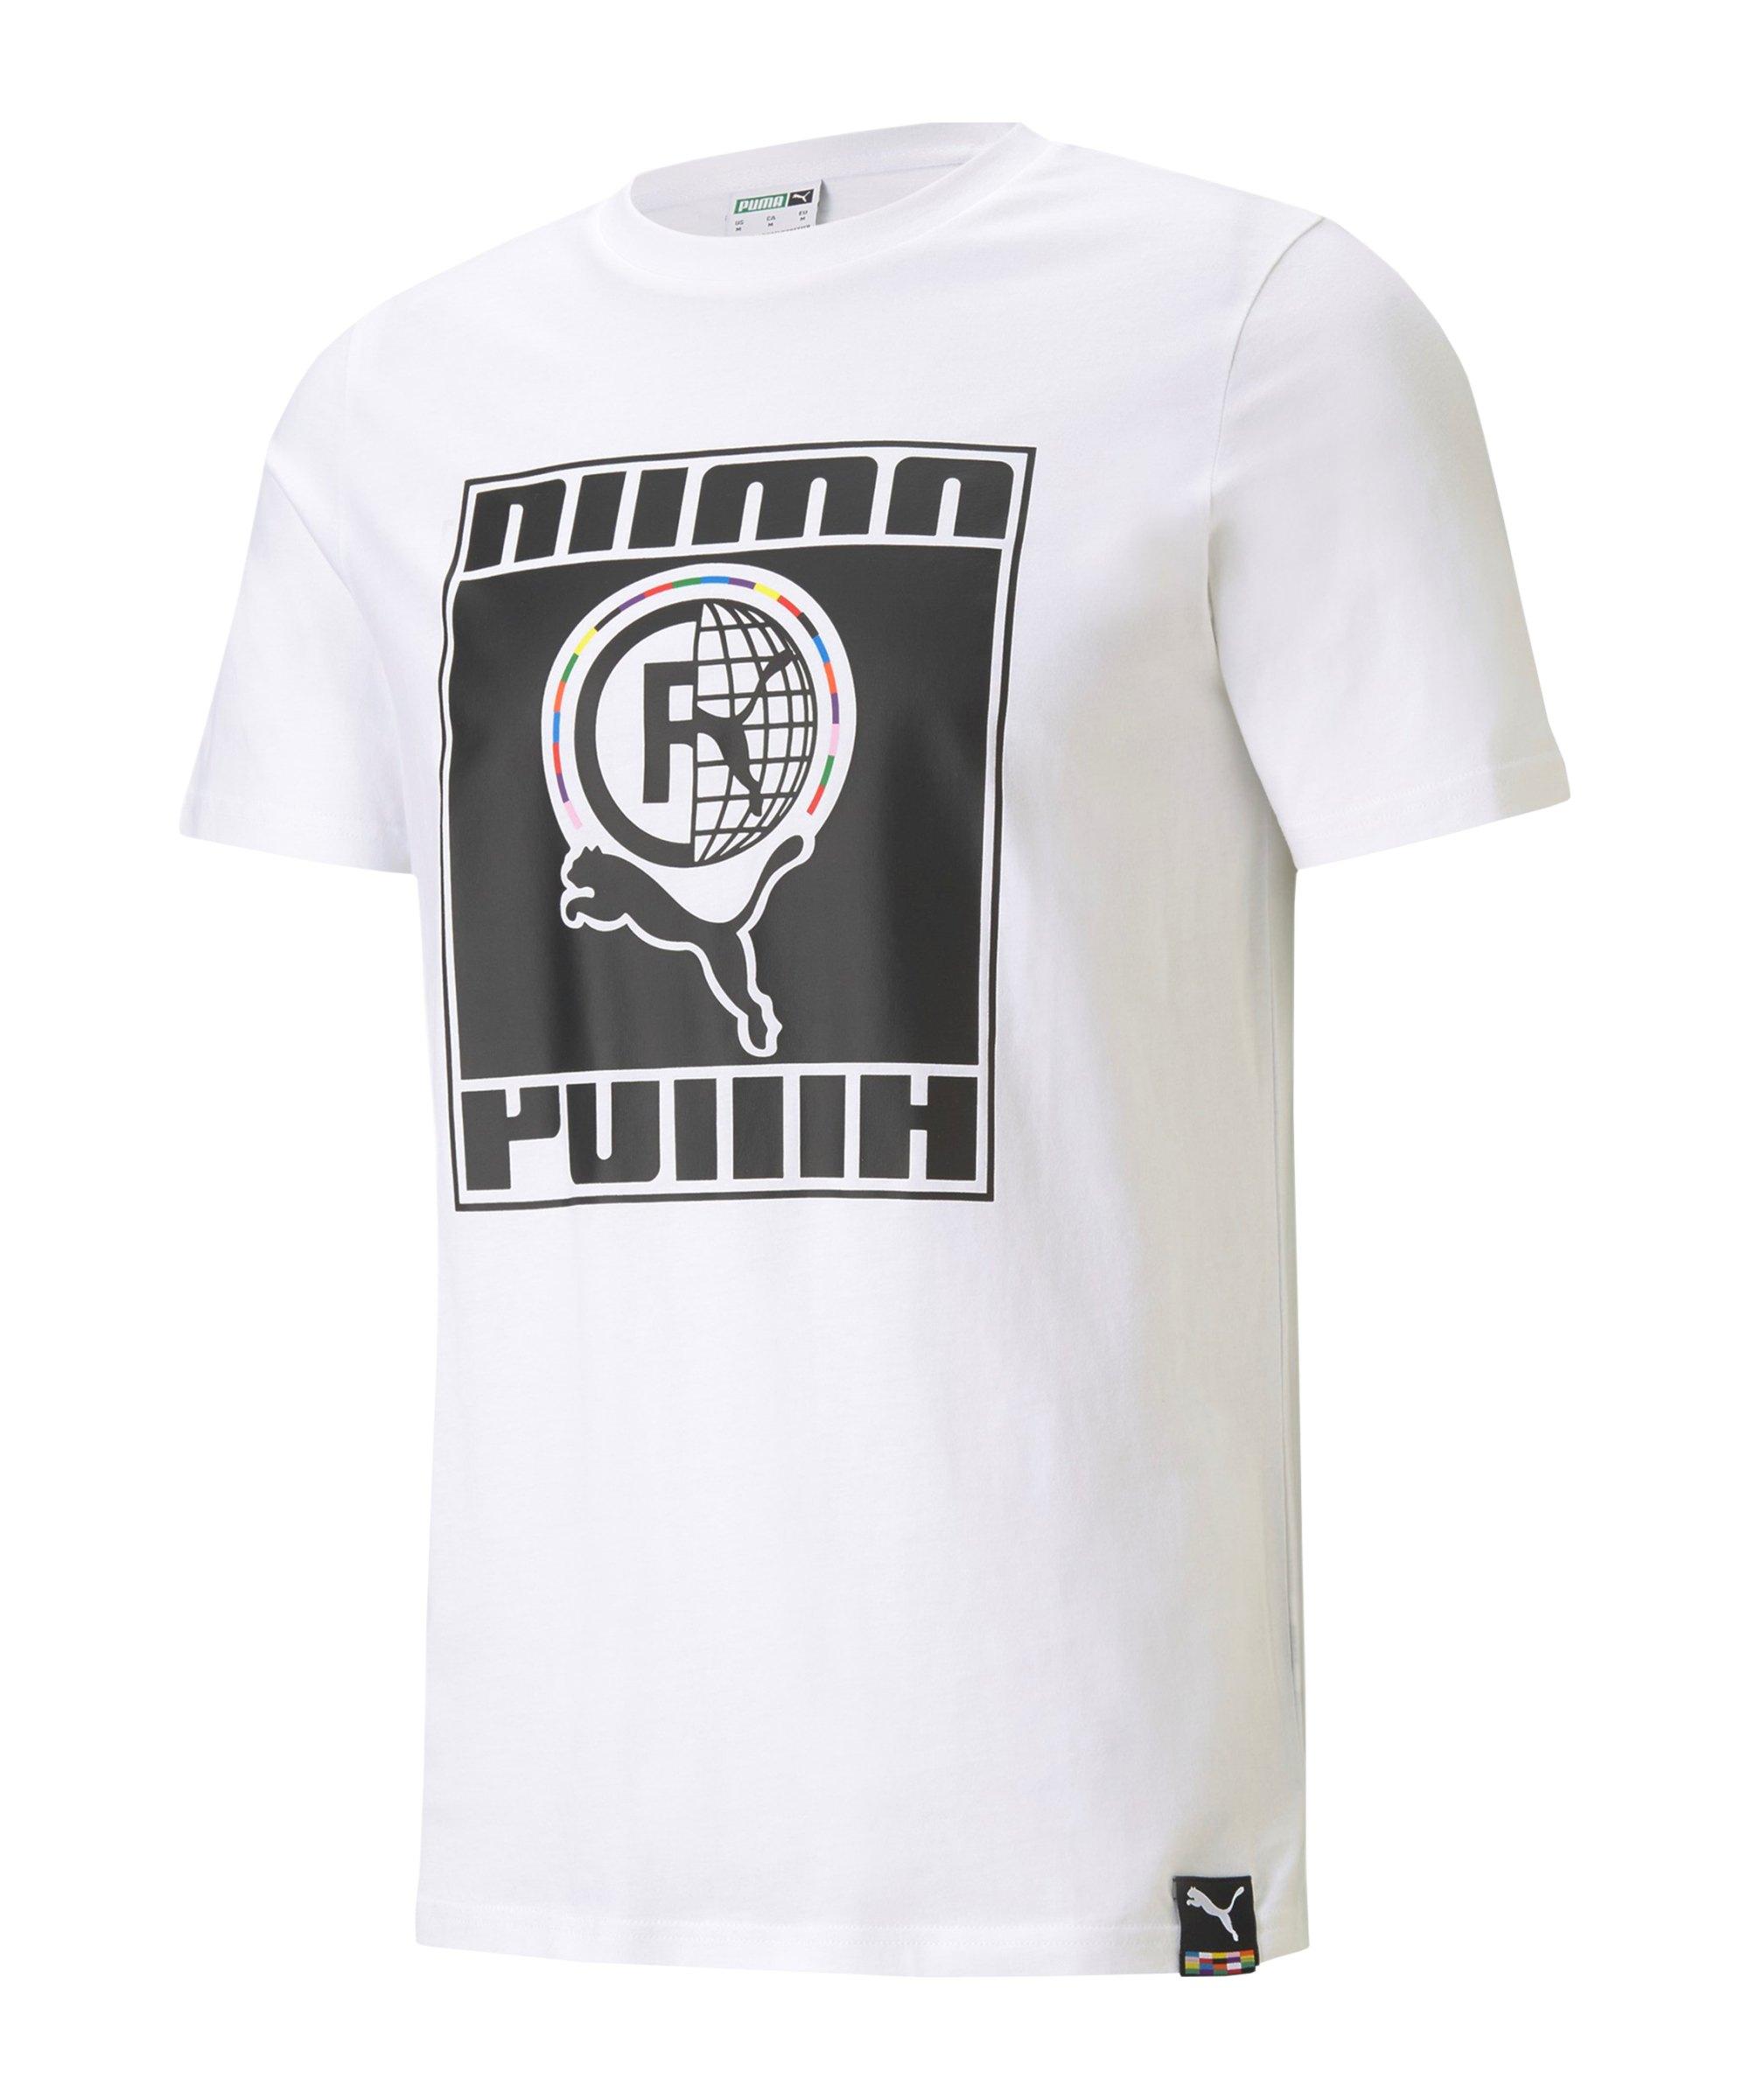 PUMA INTL T-Shirt Weiss F02 - weiss